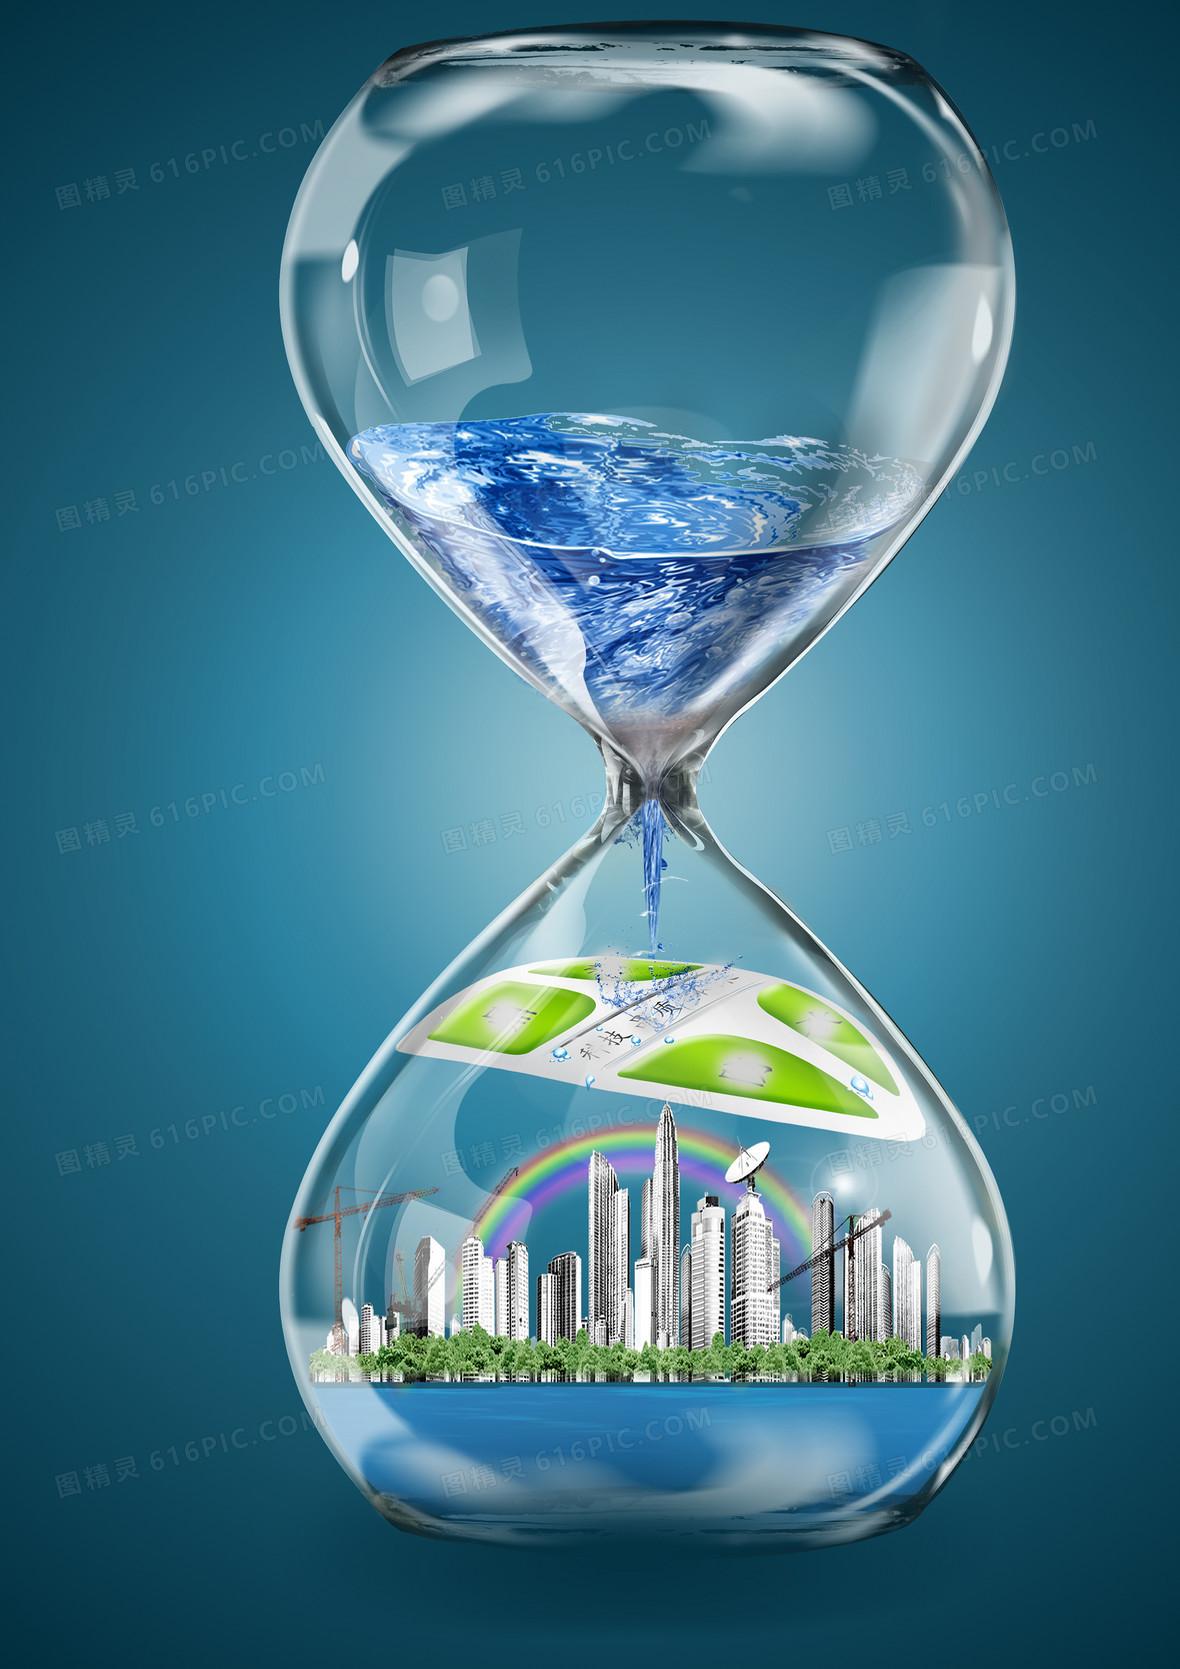 创业时间沙漏企业管理背景素材